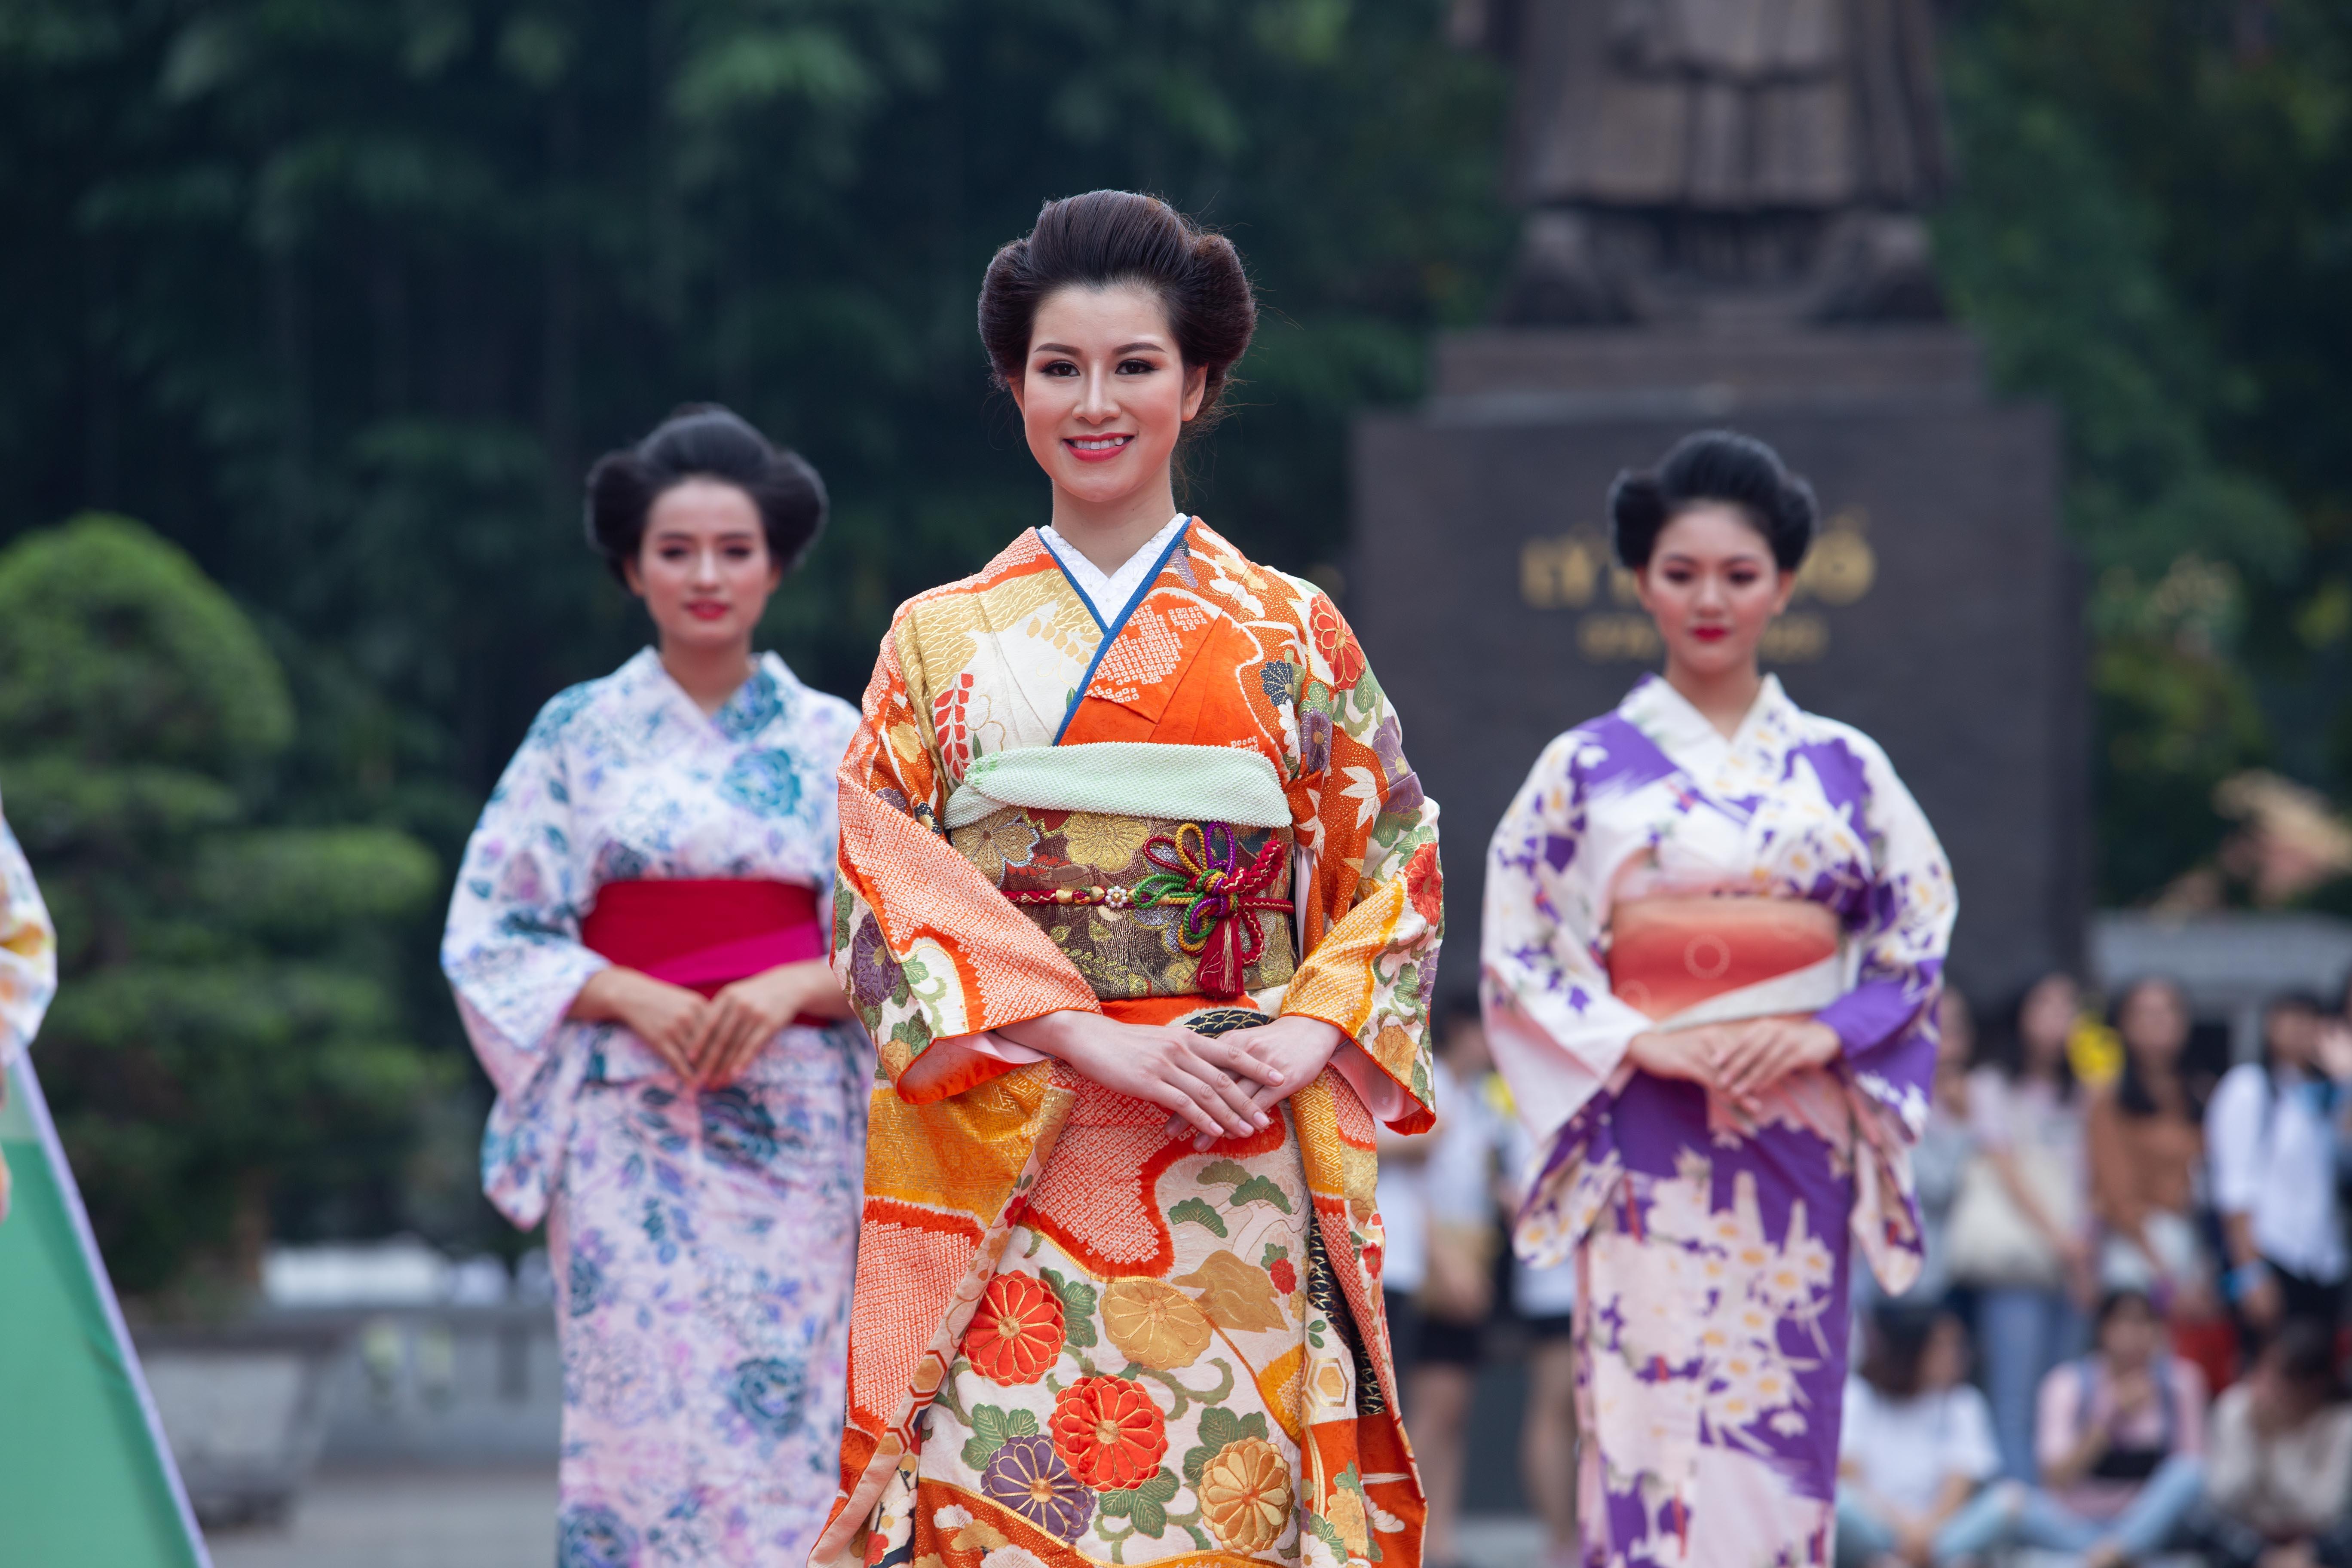 Diễn viên Huyền Trang trình diễn bộ kimono. Nữ diễn viên đã góp mặt trong nhiều bộ phim truyền hình